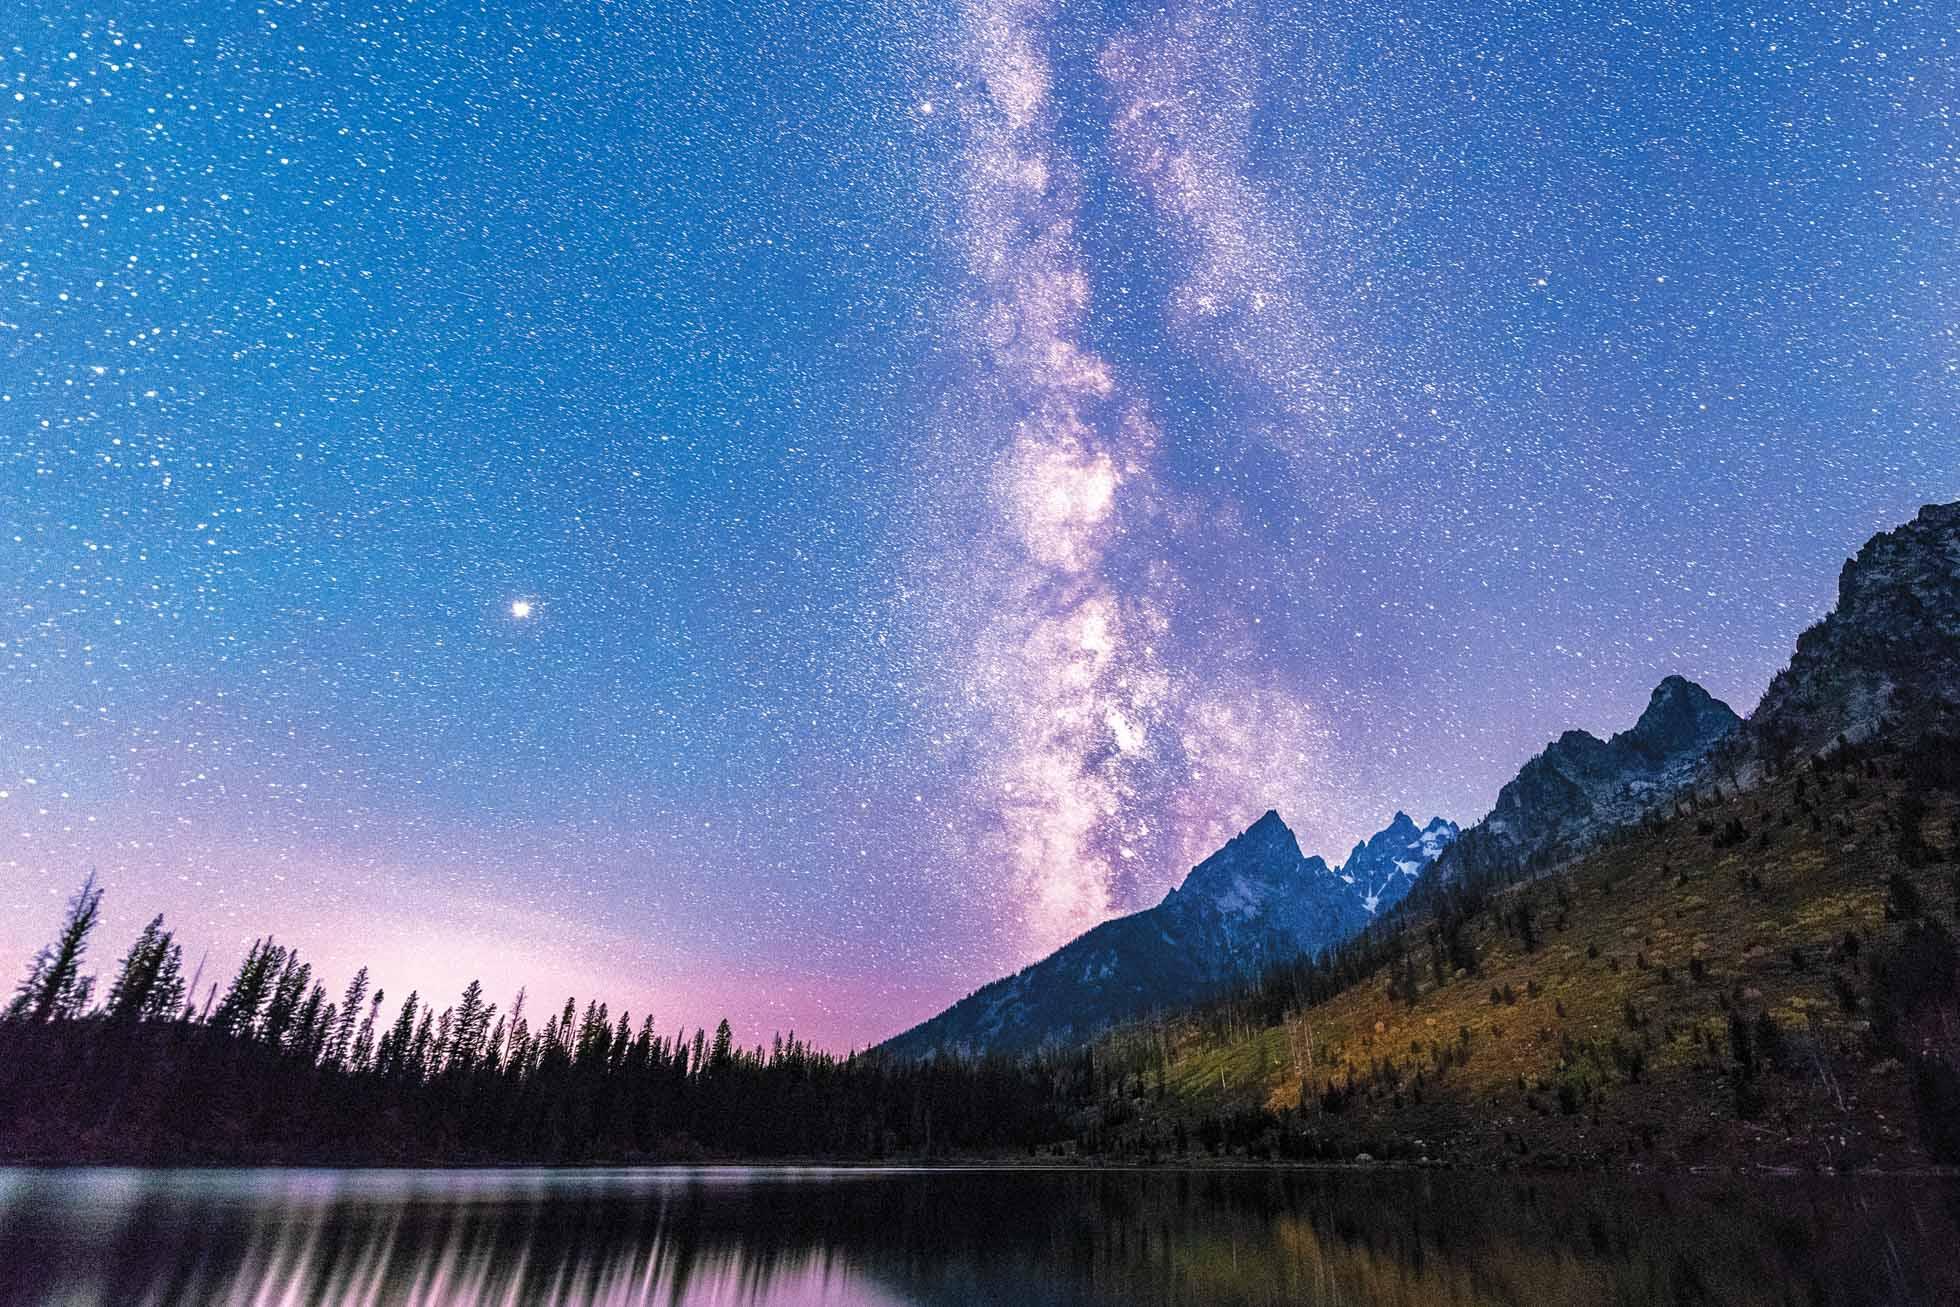 String Lake Astro_.jpg